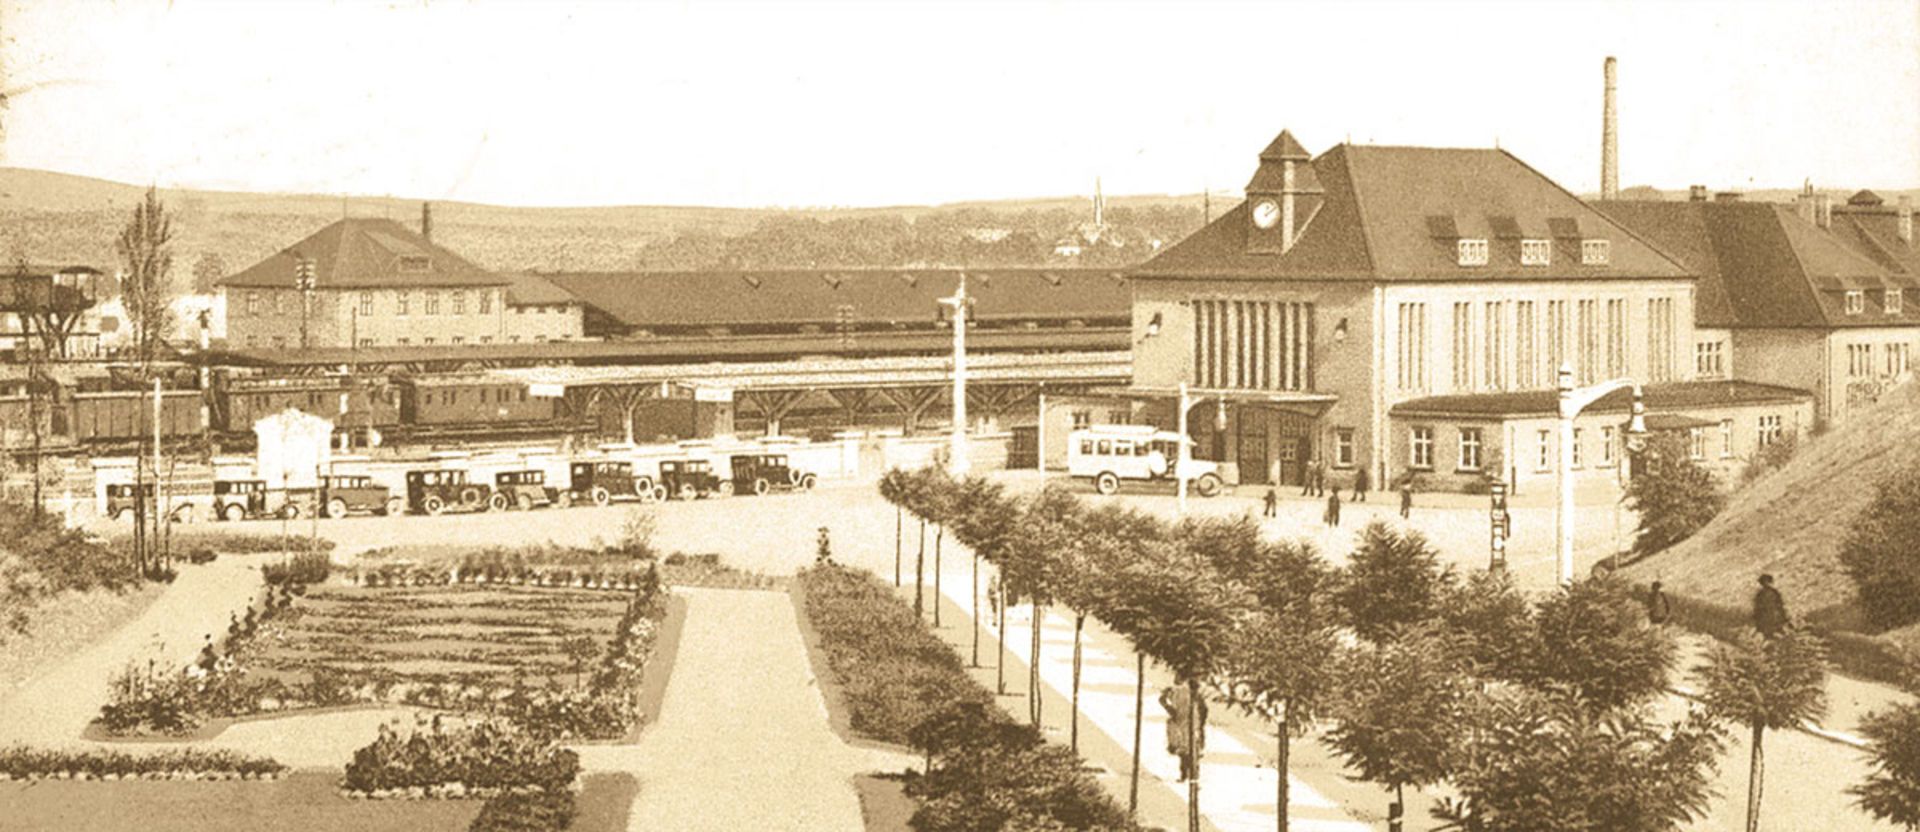 Bahnhof Glauchau.  © Ansichtskarten Sammlung A Linz